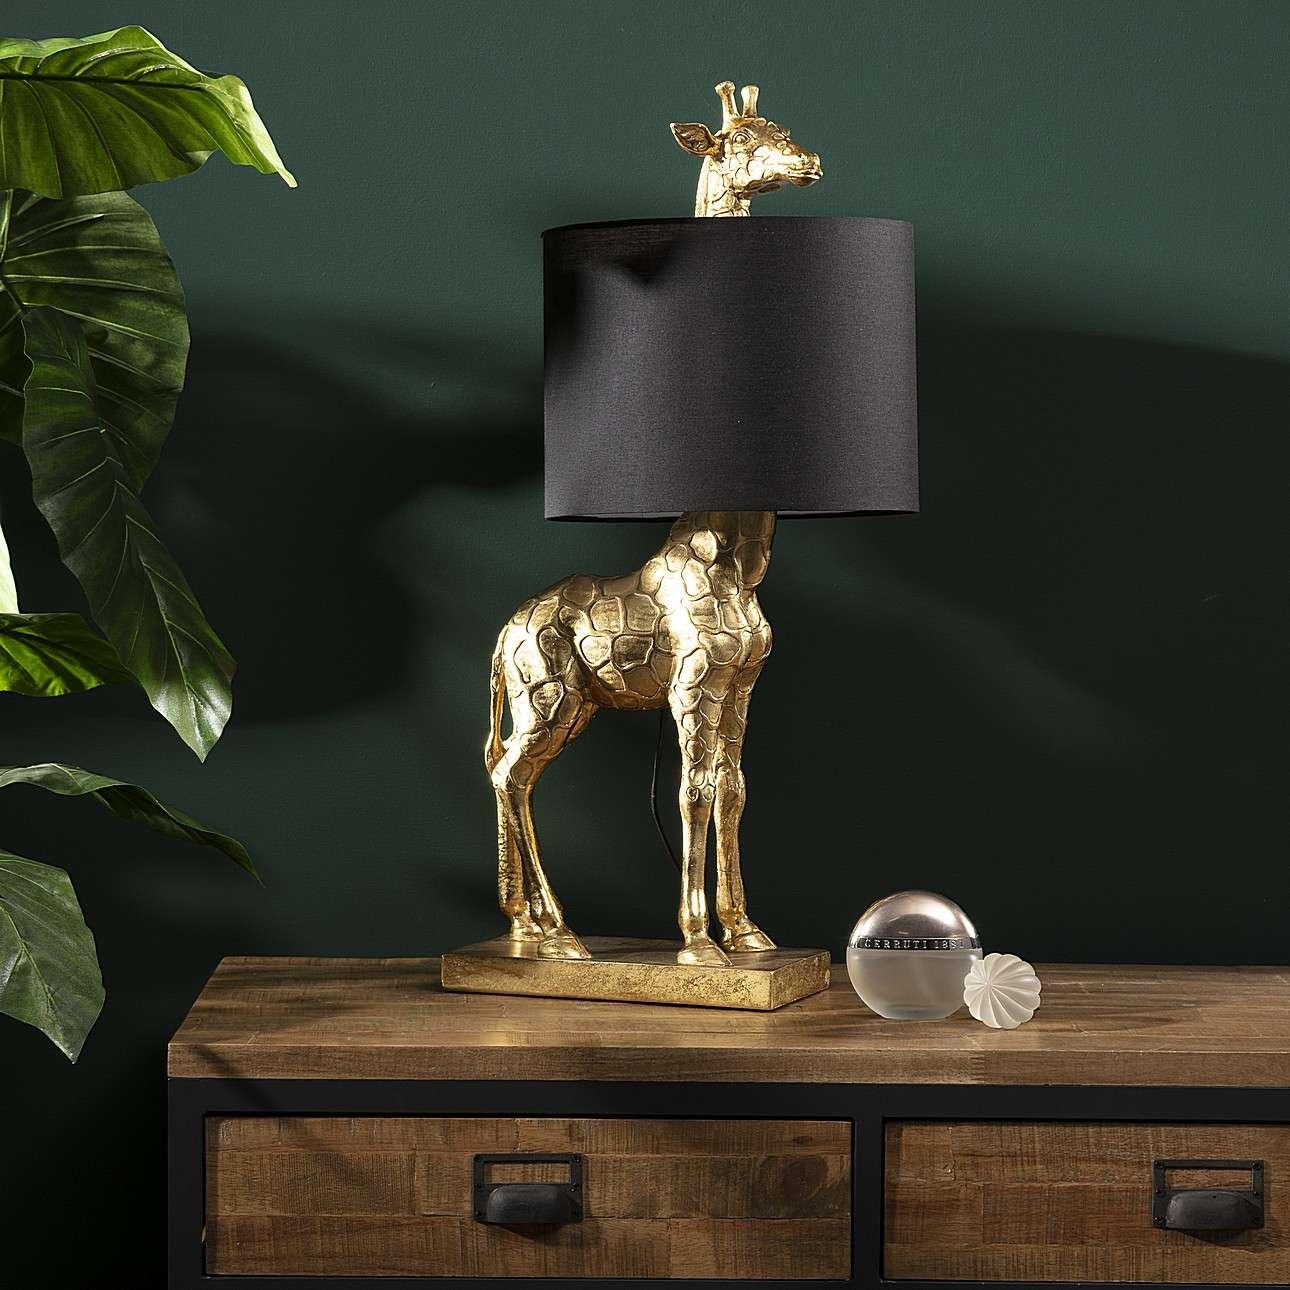 Tischlampe Gold Giraffe 70cm